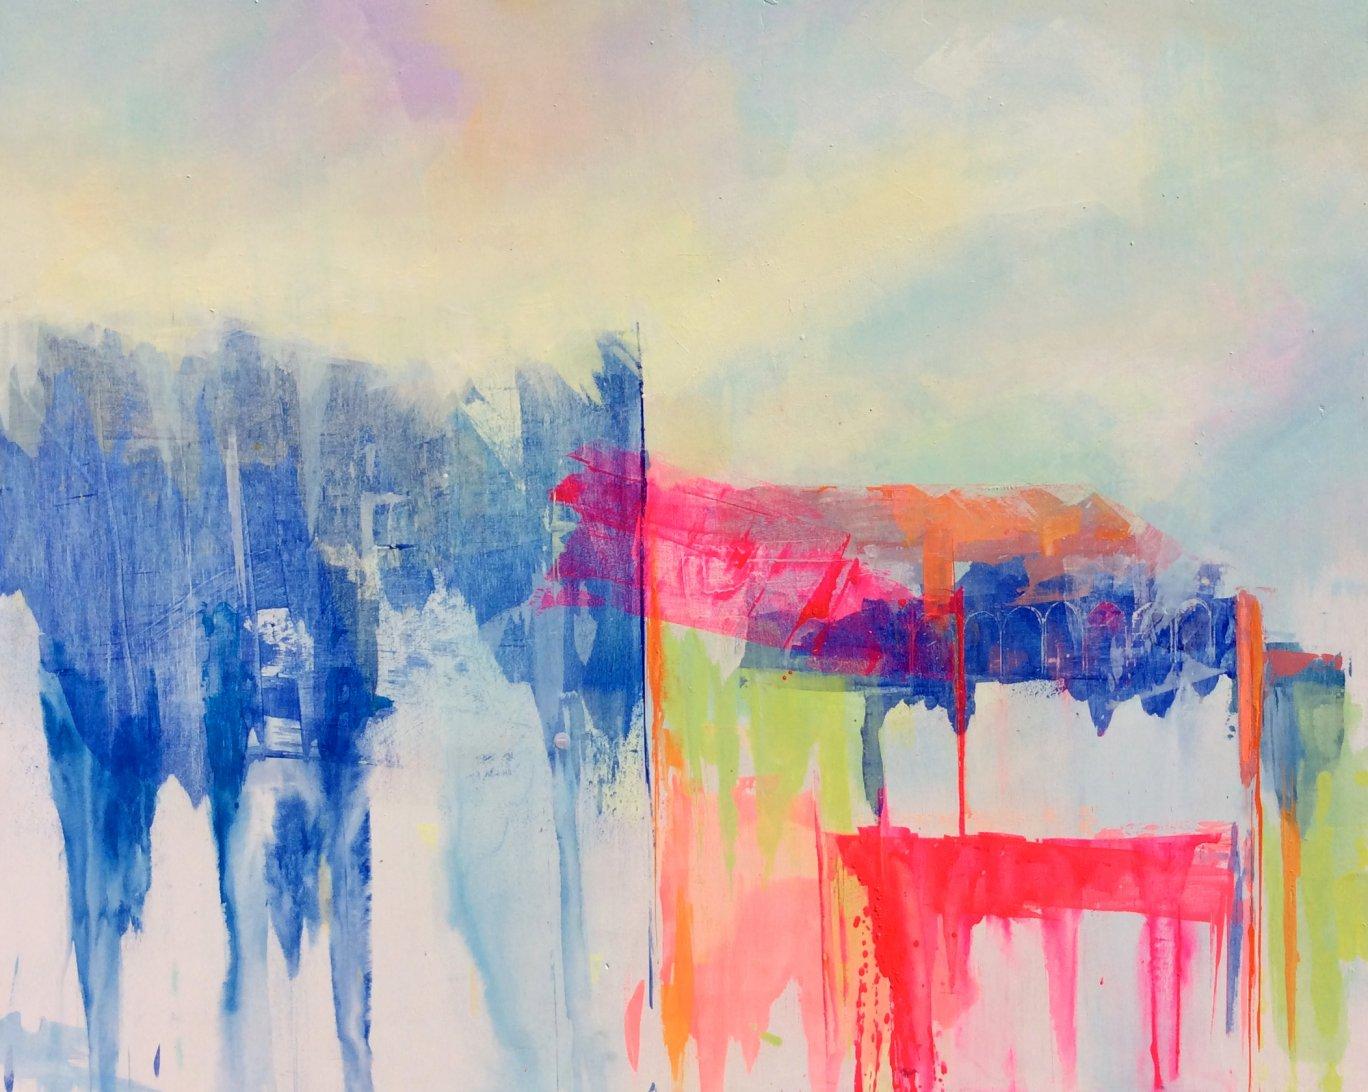 La inmensidad de la ausencia (2017) - Cristina Aliste Miguel - Cris Aliste